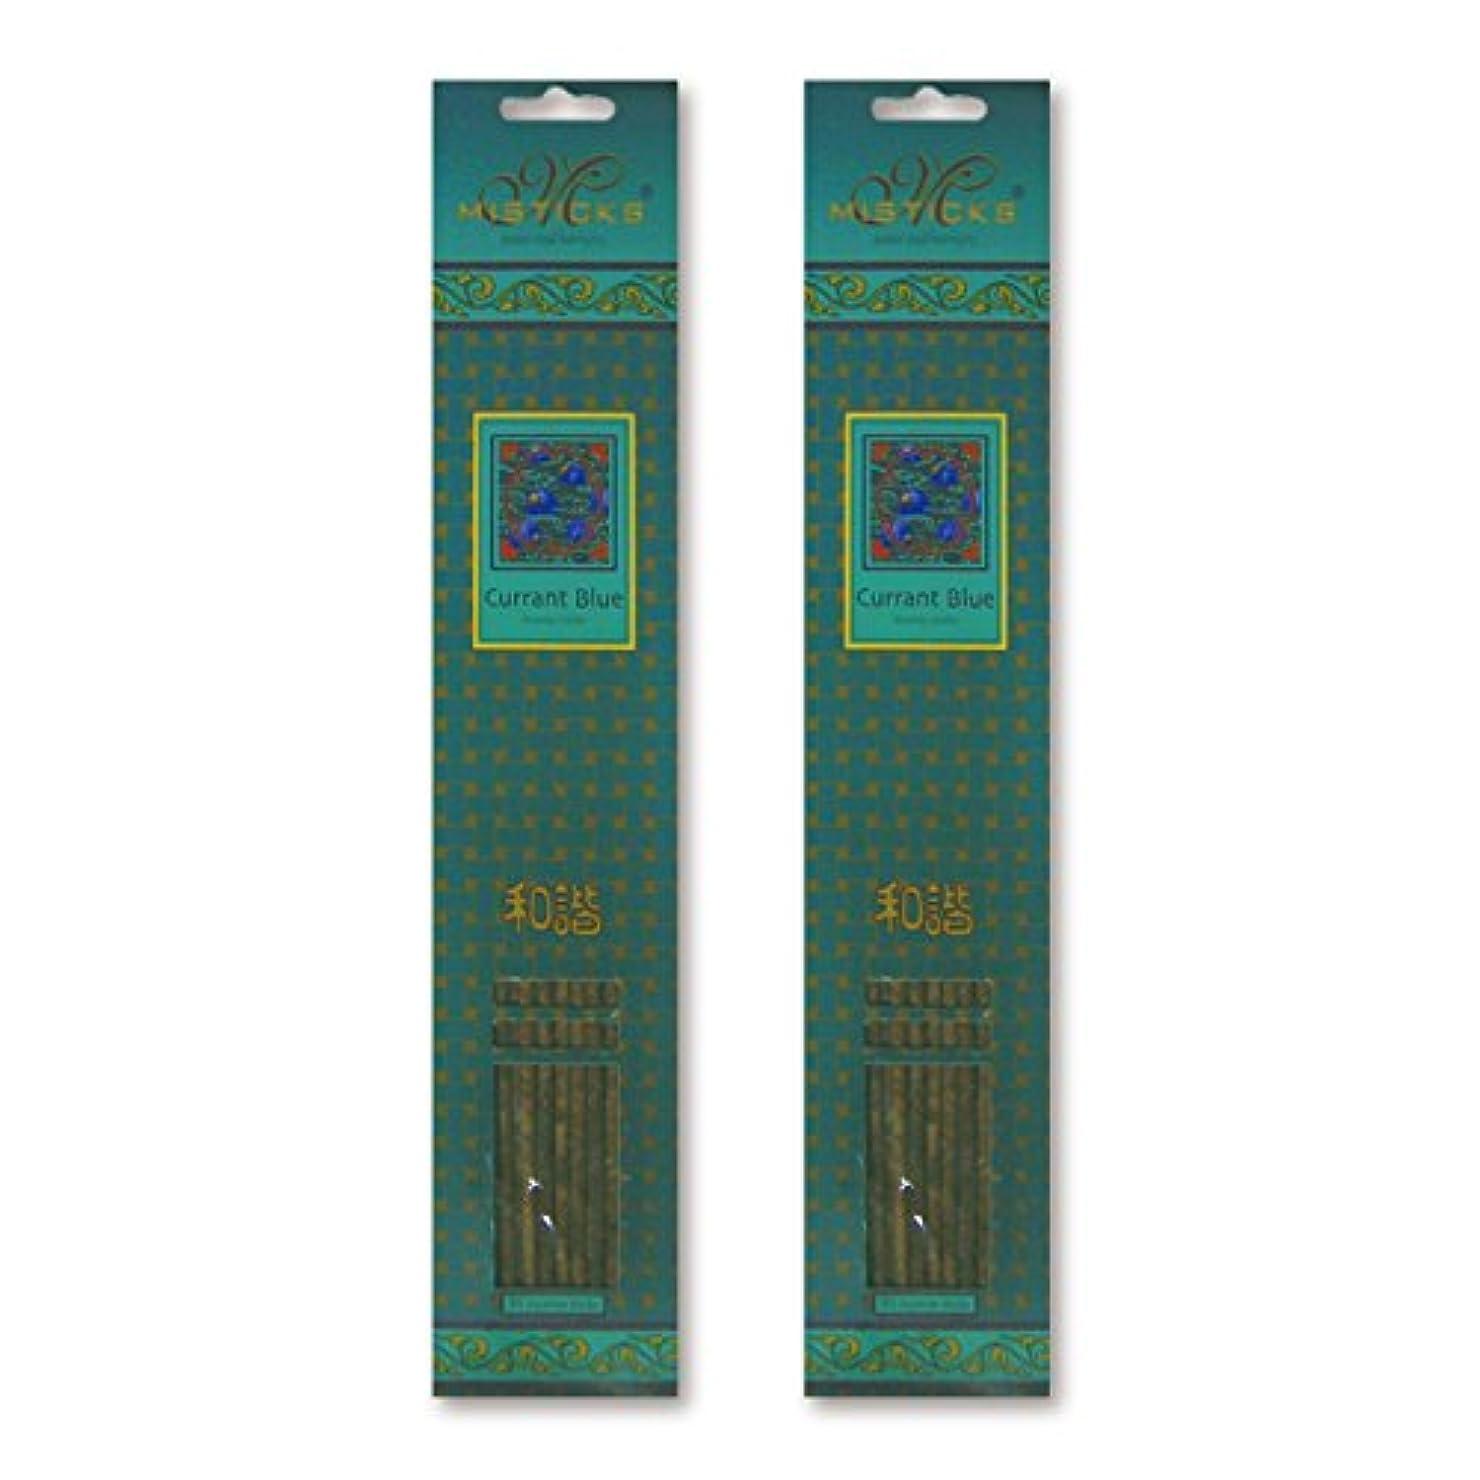 ライセンス頼む公爵MISTICKS ミスティックス Currant Blue カラントブルー お香 20本 X 2パック (40本)